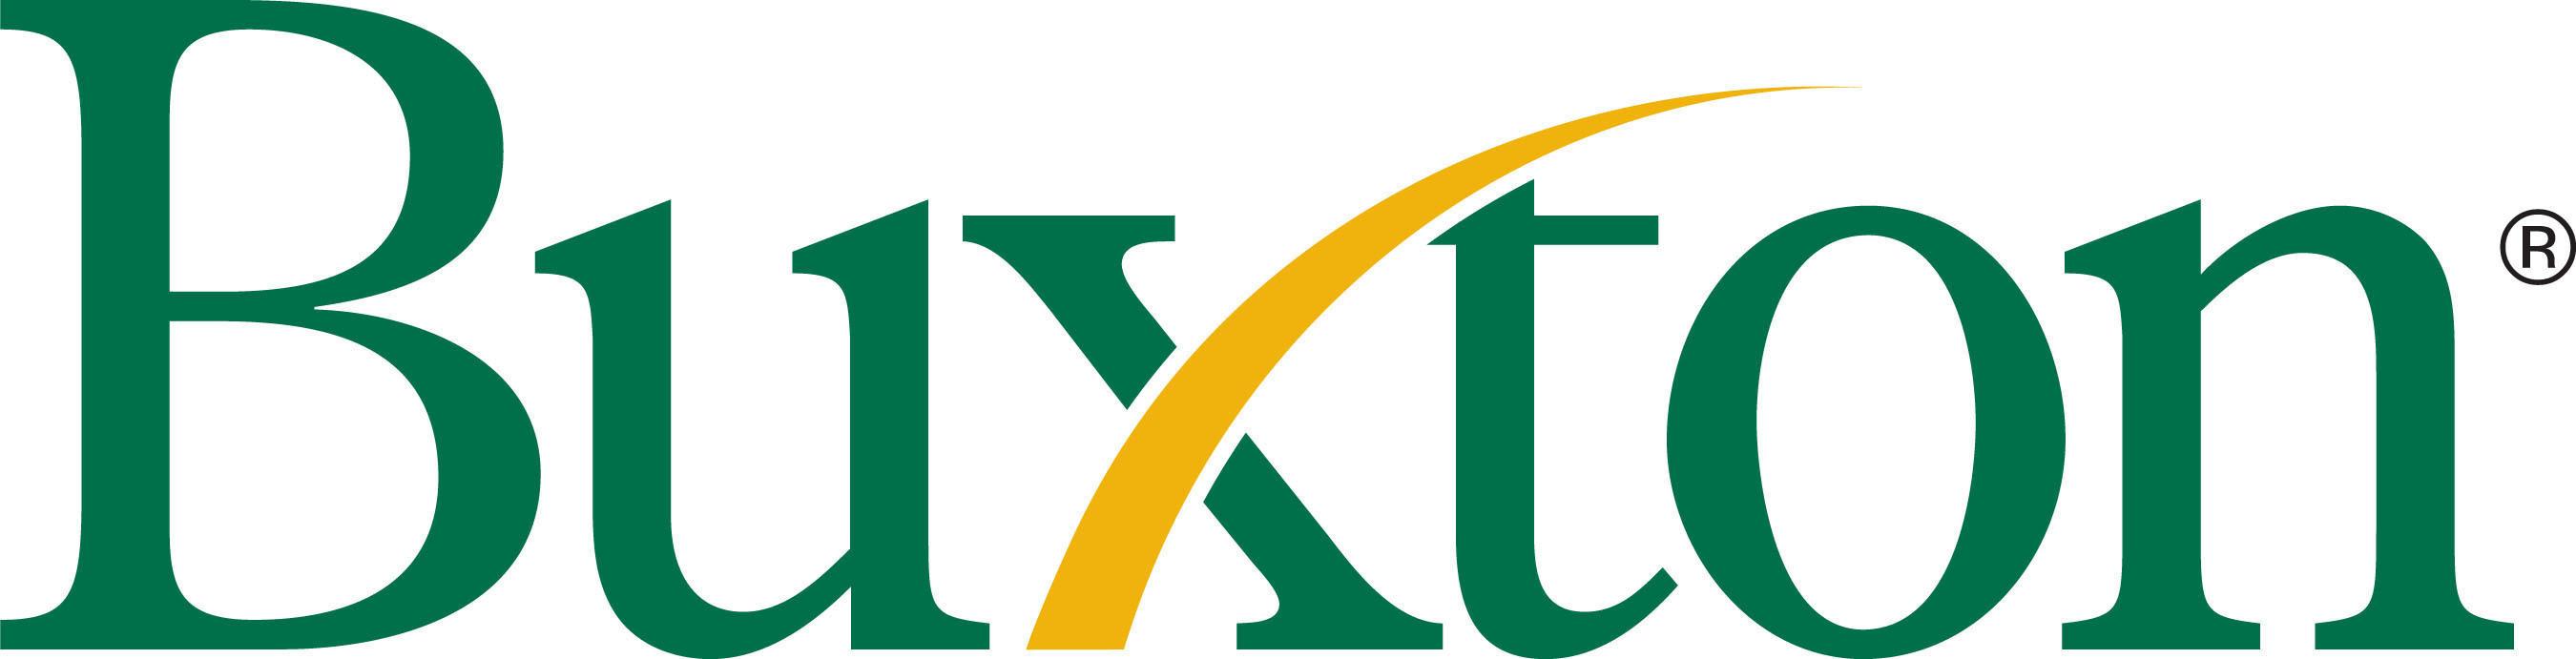 Buxton Logo.